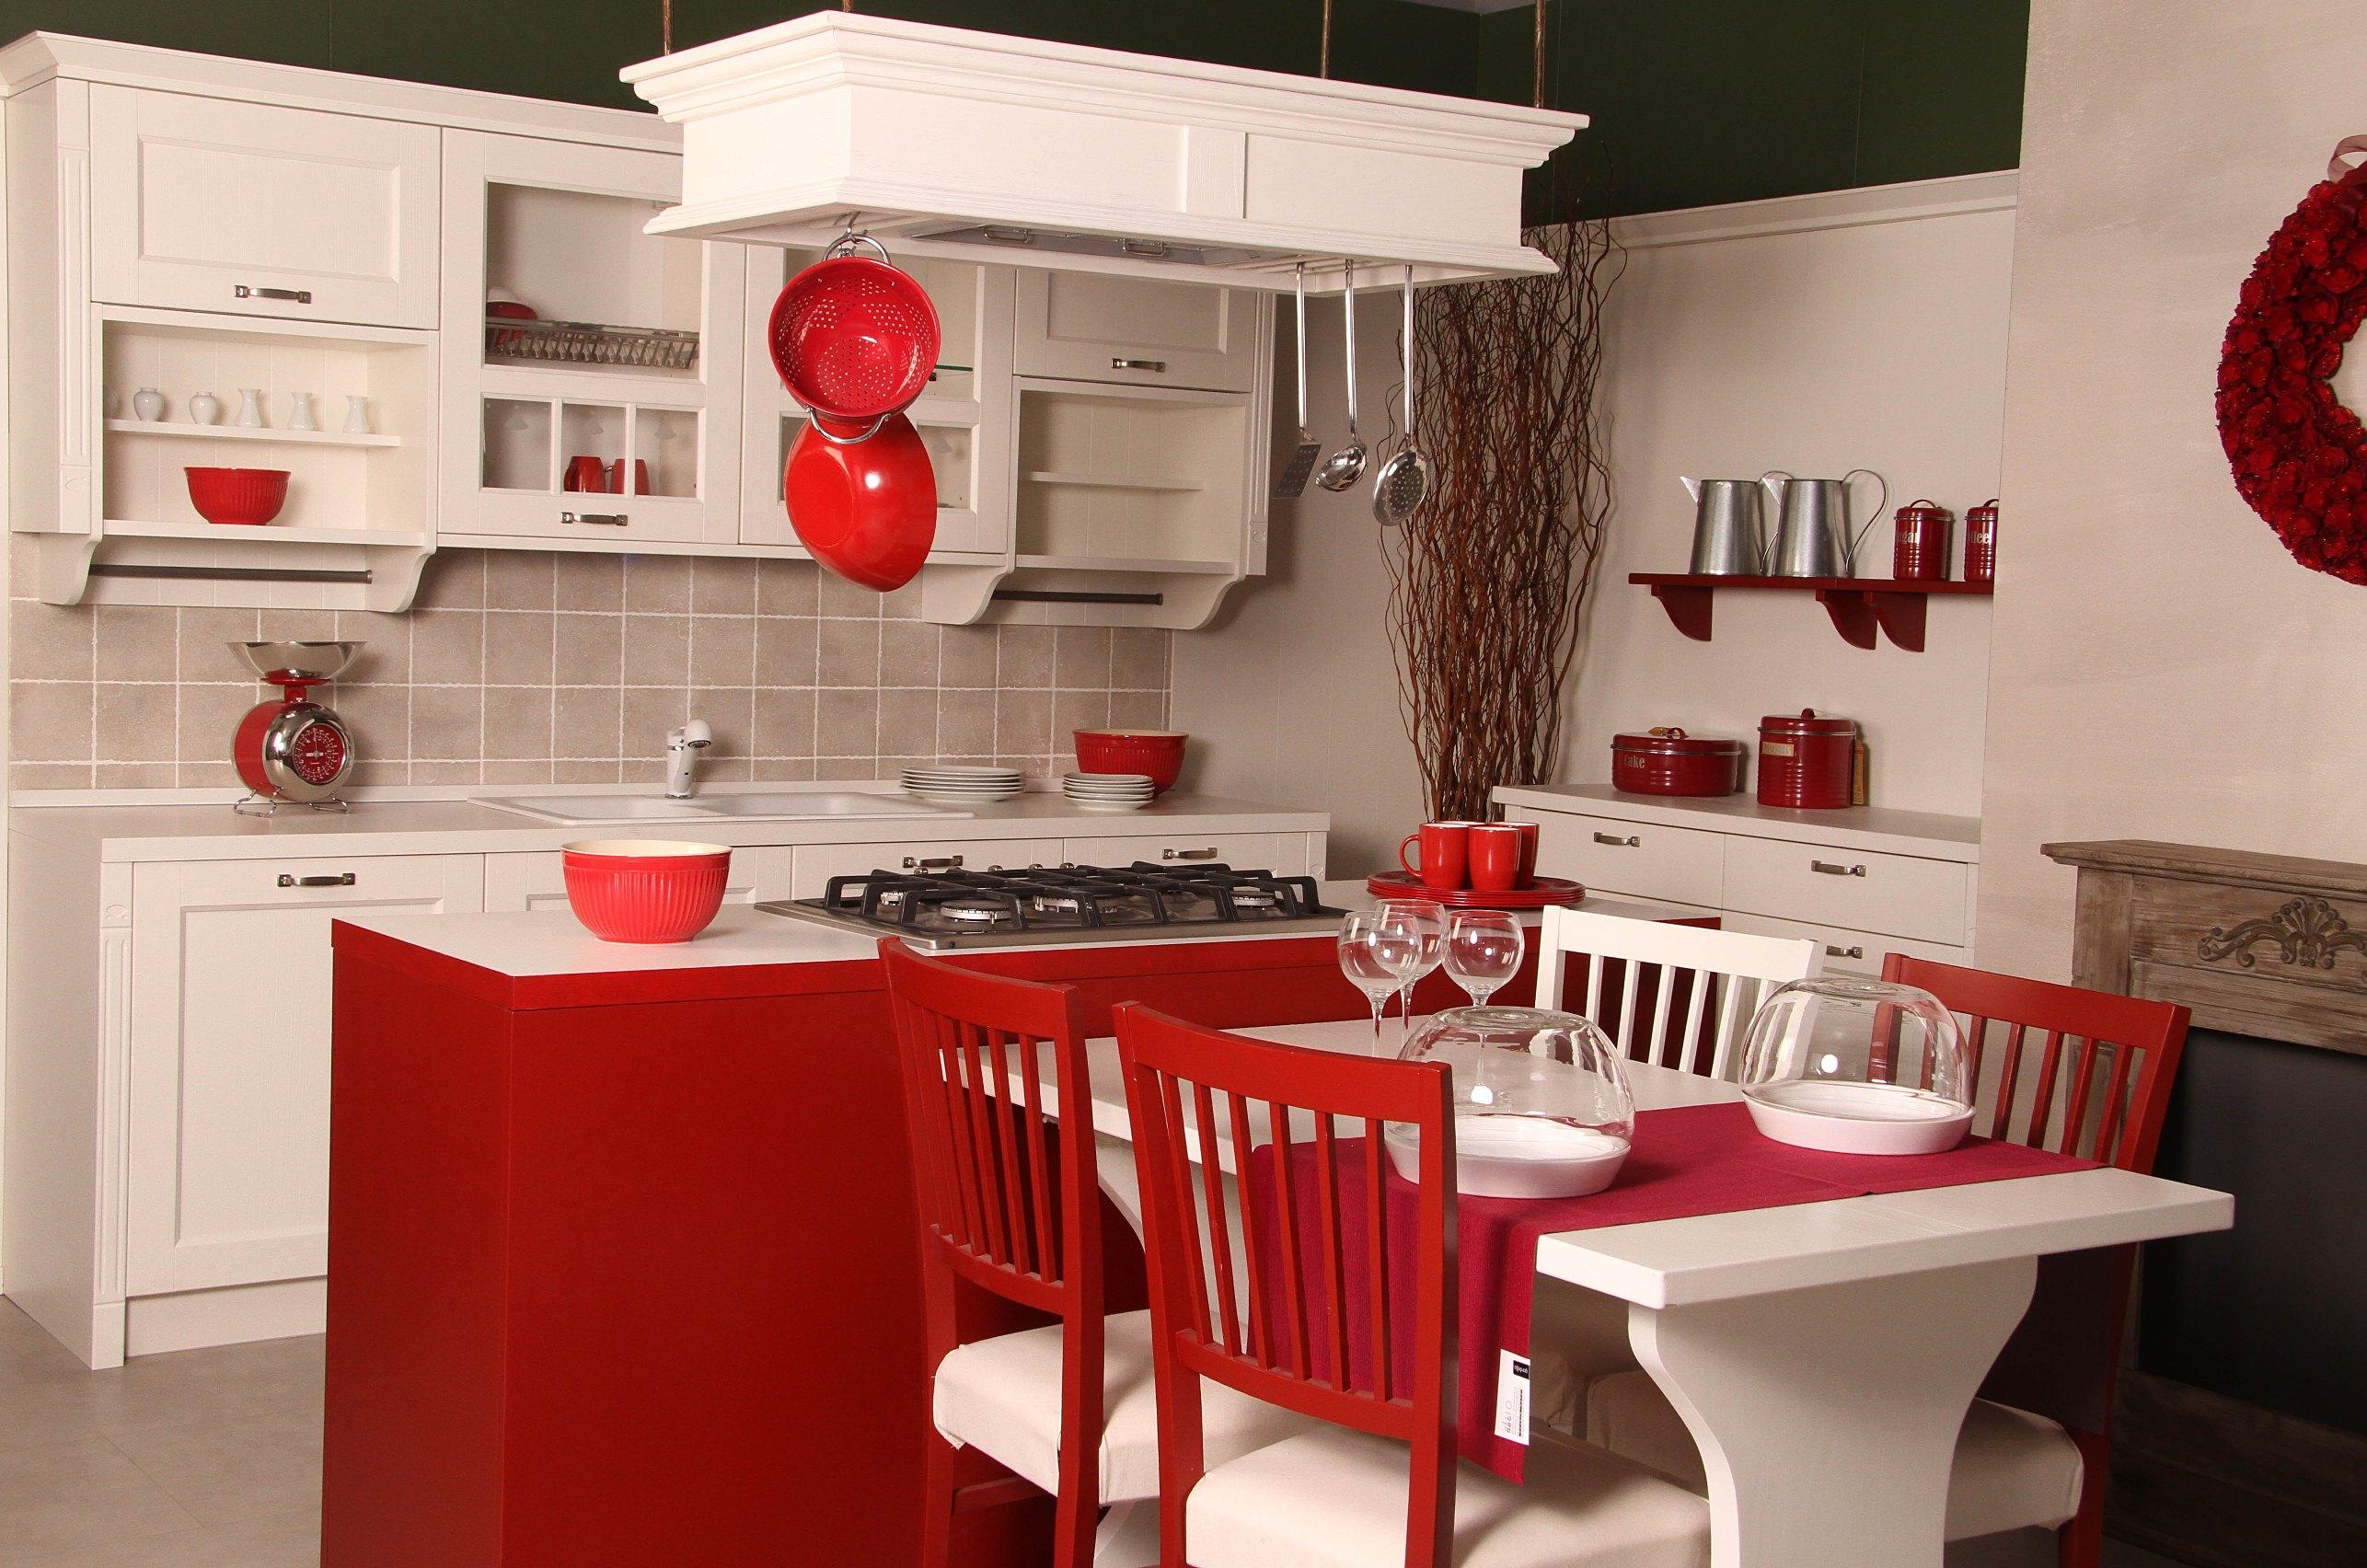 Gretha c c cucine cucine arredamentic c cucine for Arredamenti roma outlet